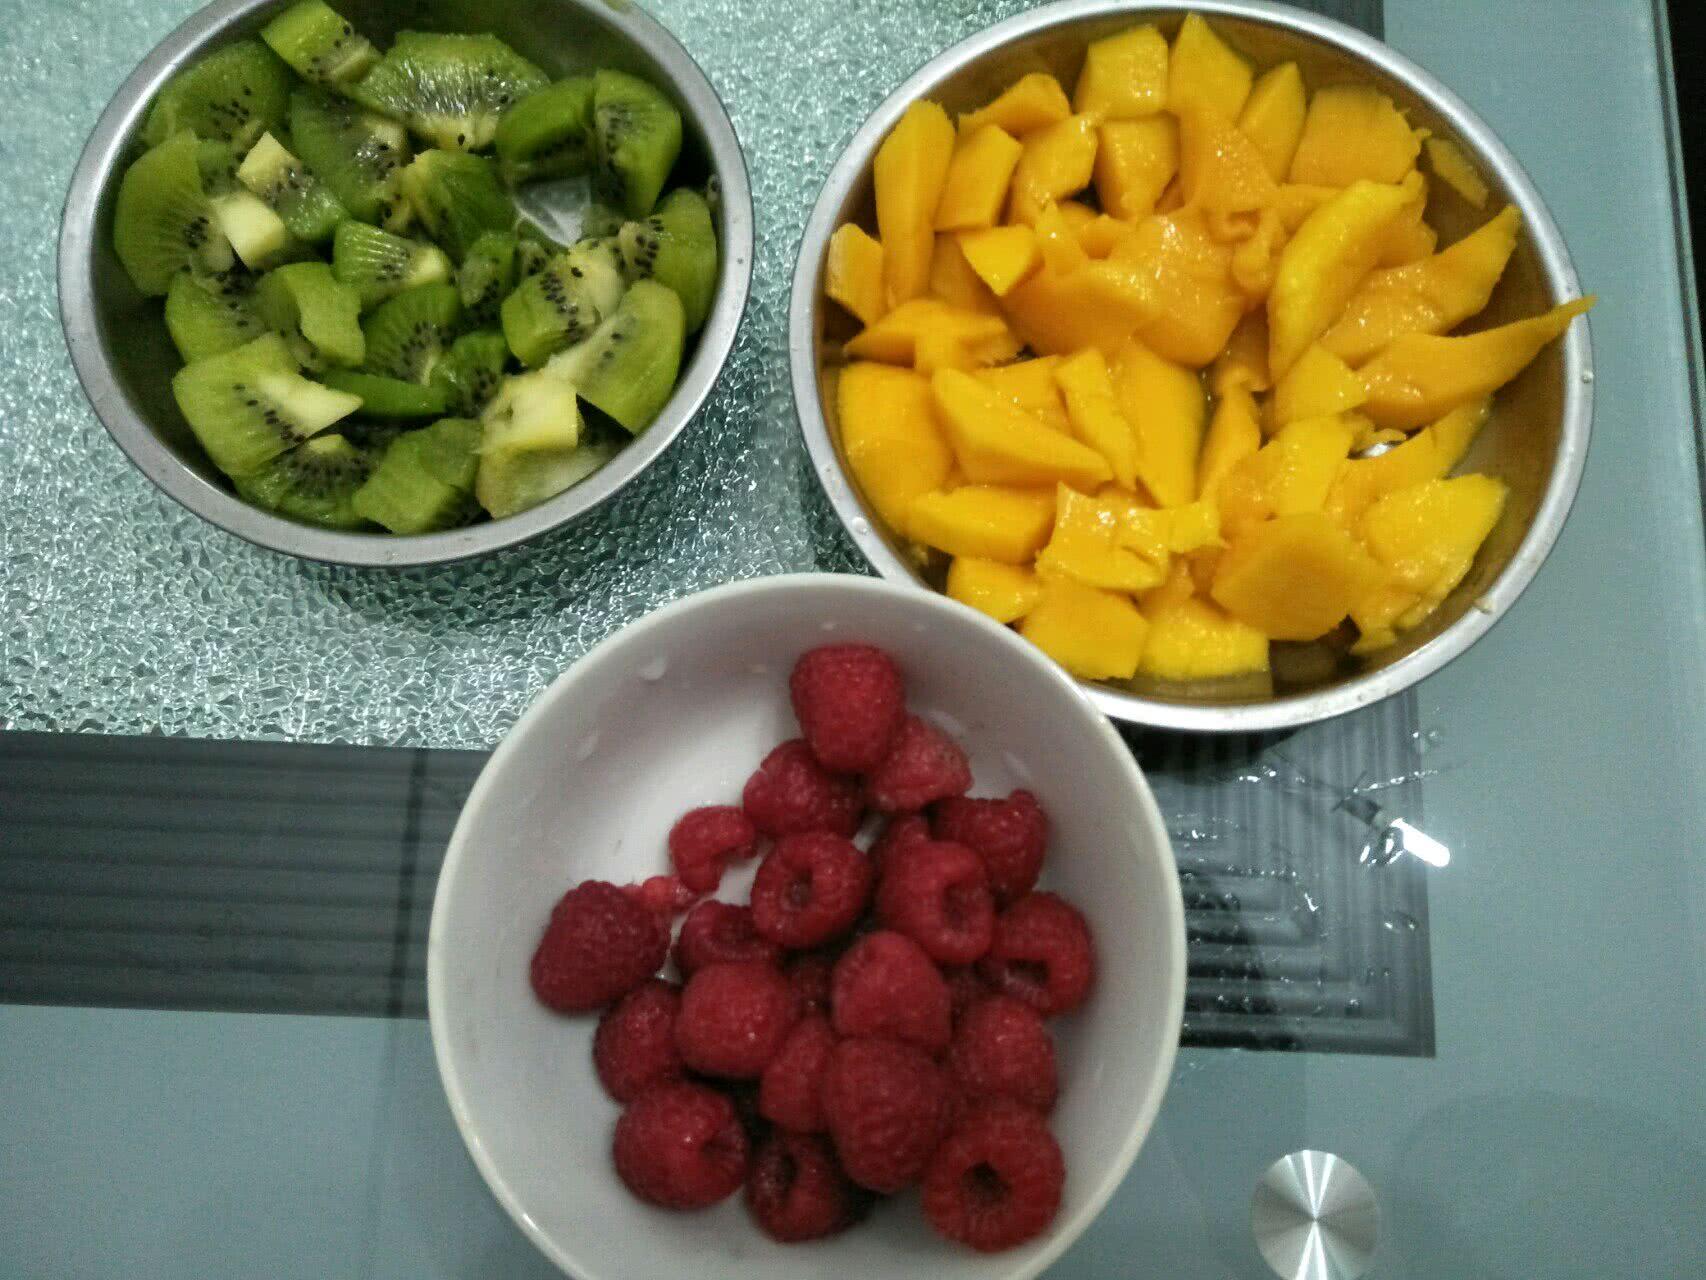 三色水果冰棒的做法步骤